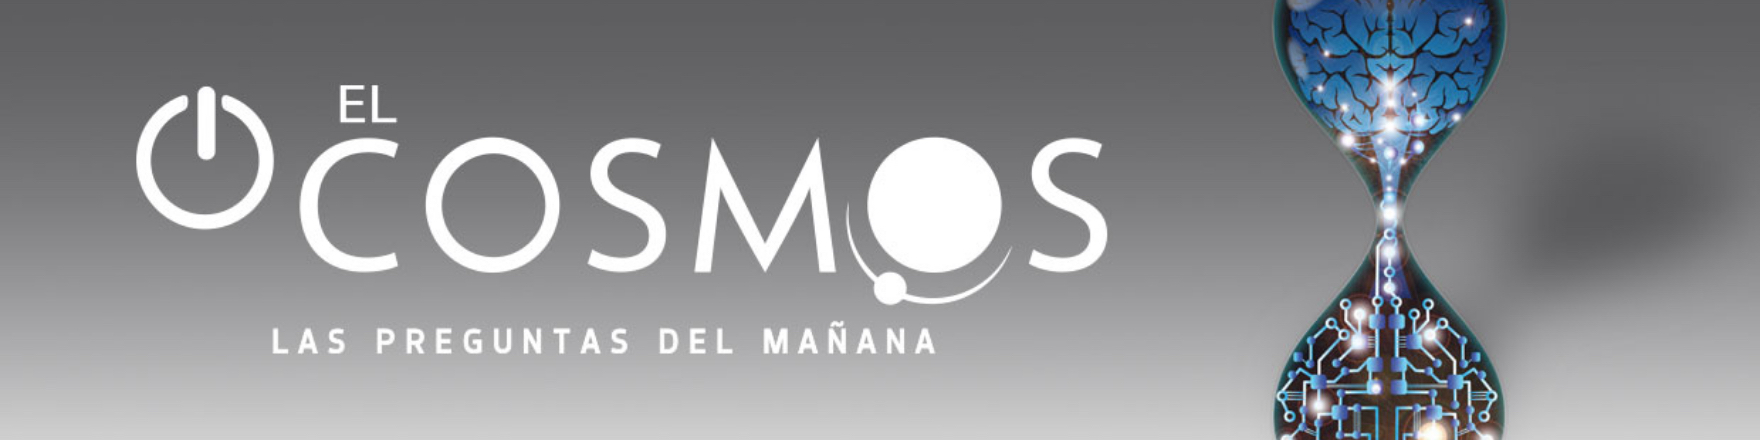 cabecera cosmos 2019